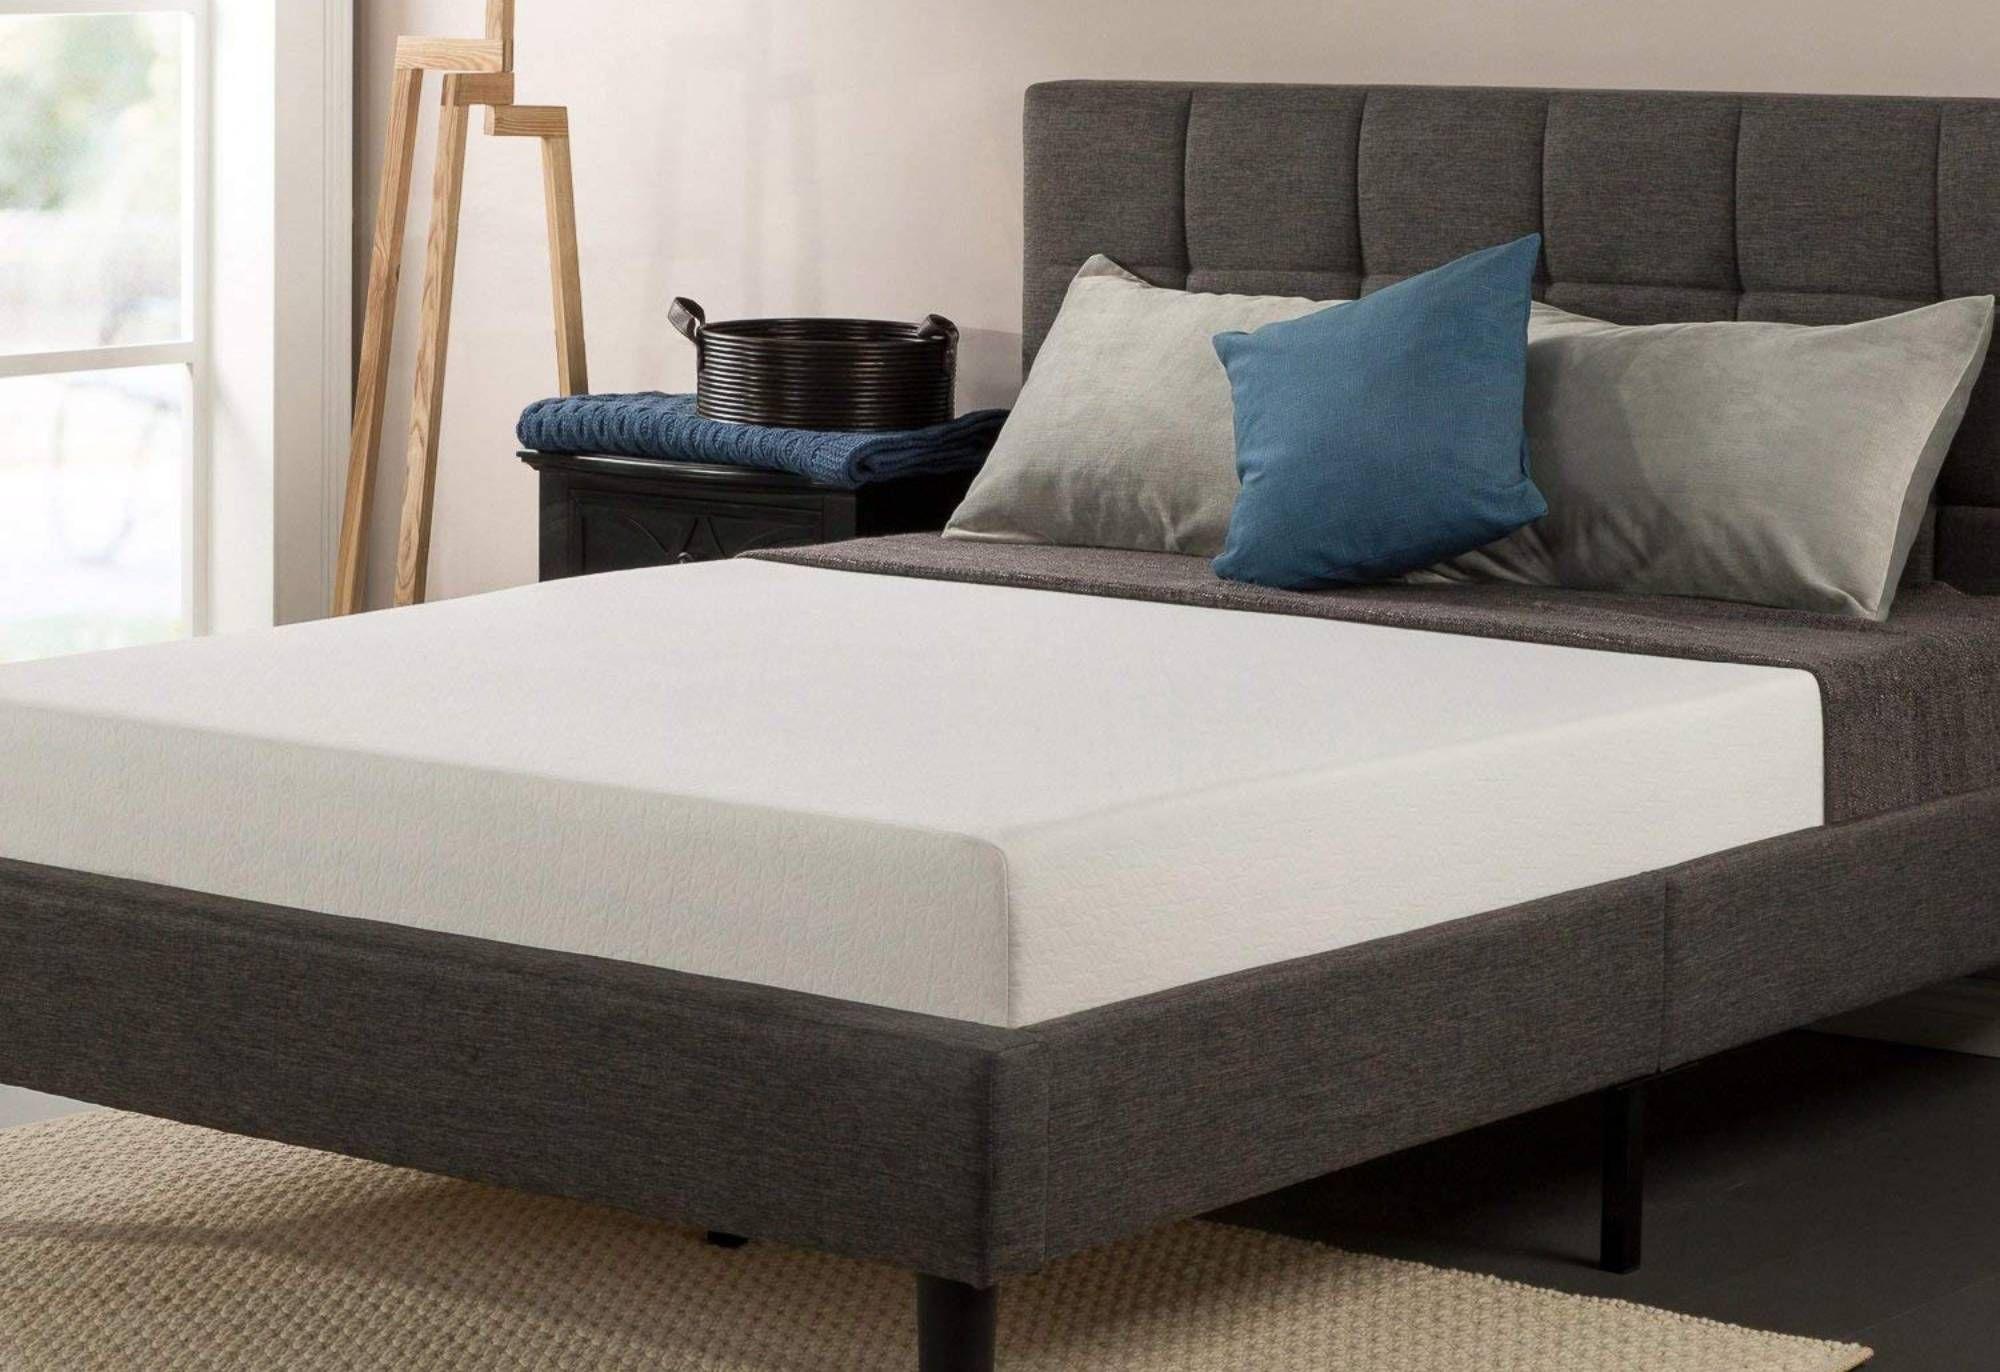 Best Mattress Under 300 2020 Top 10 Comparison Best Mattress Murphy Bed Plans Murphy Bed